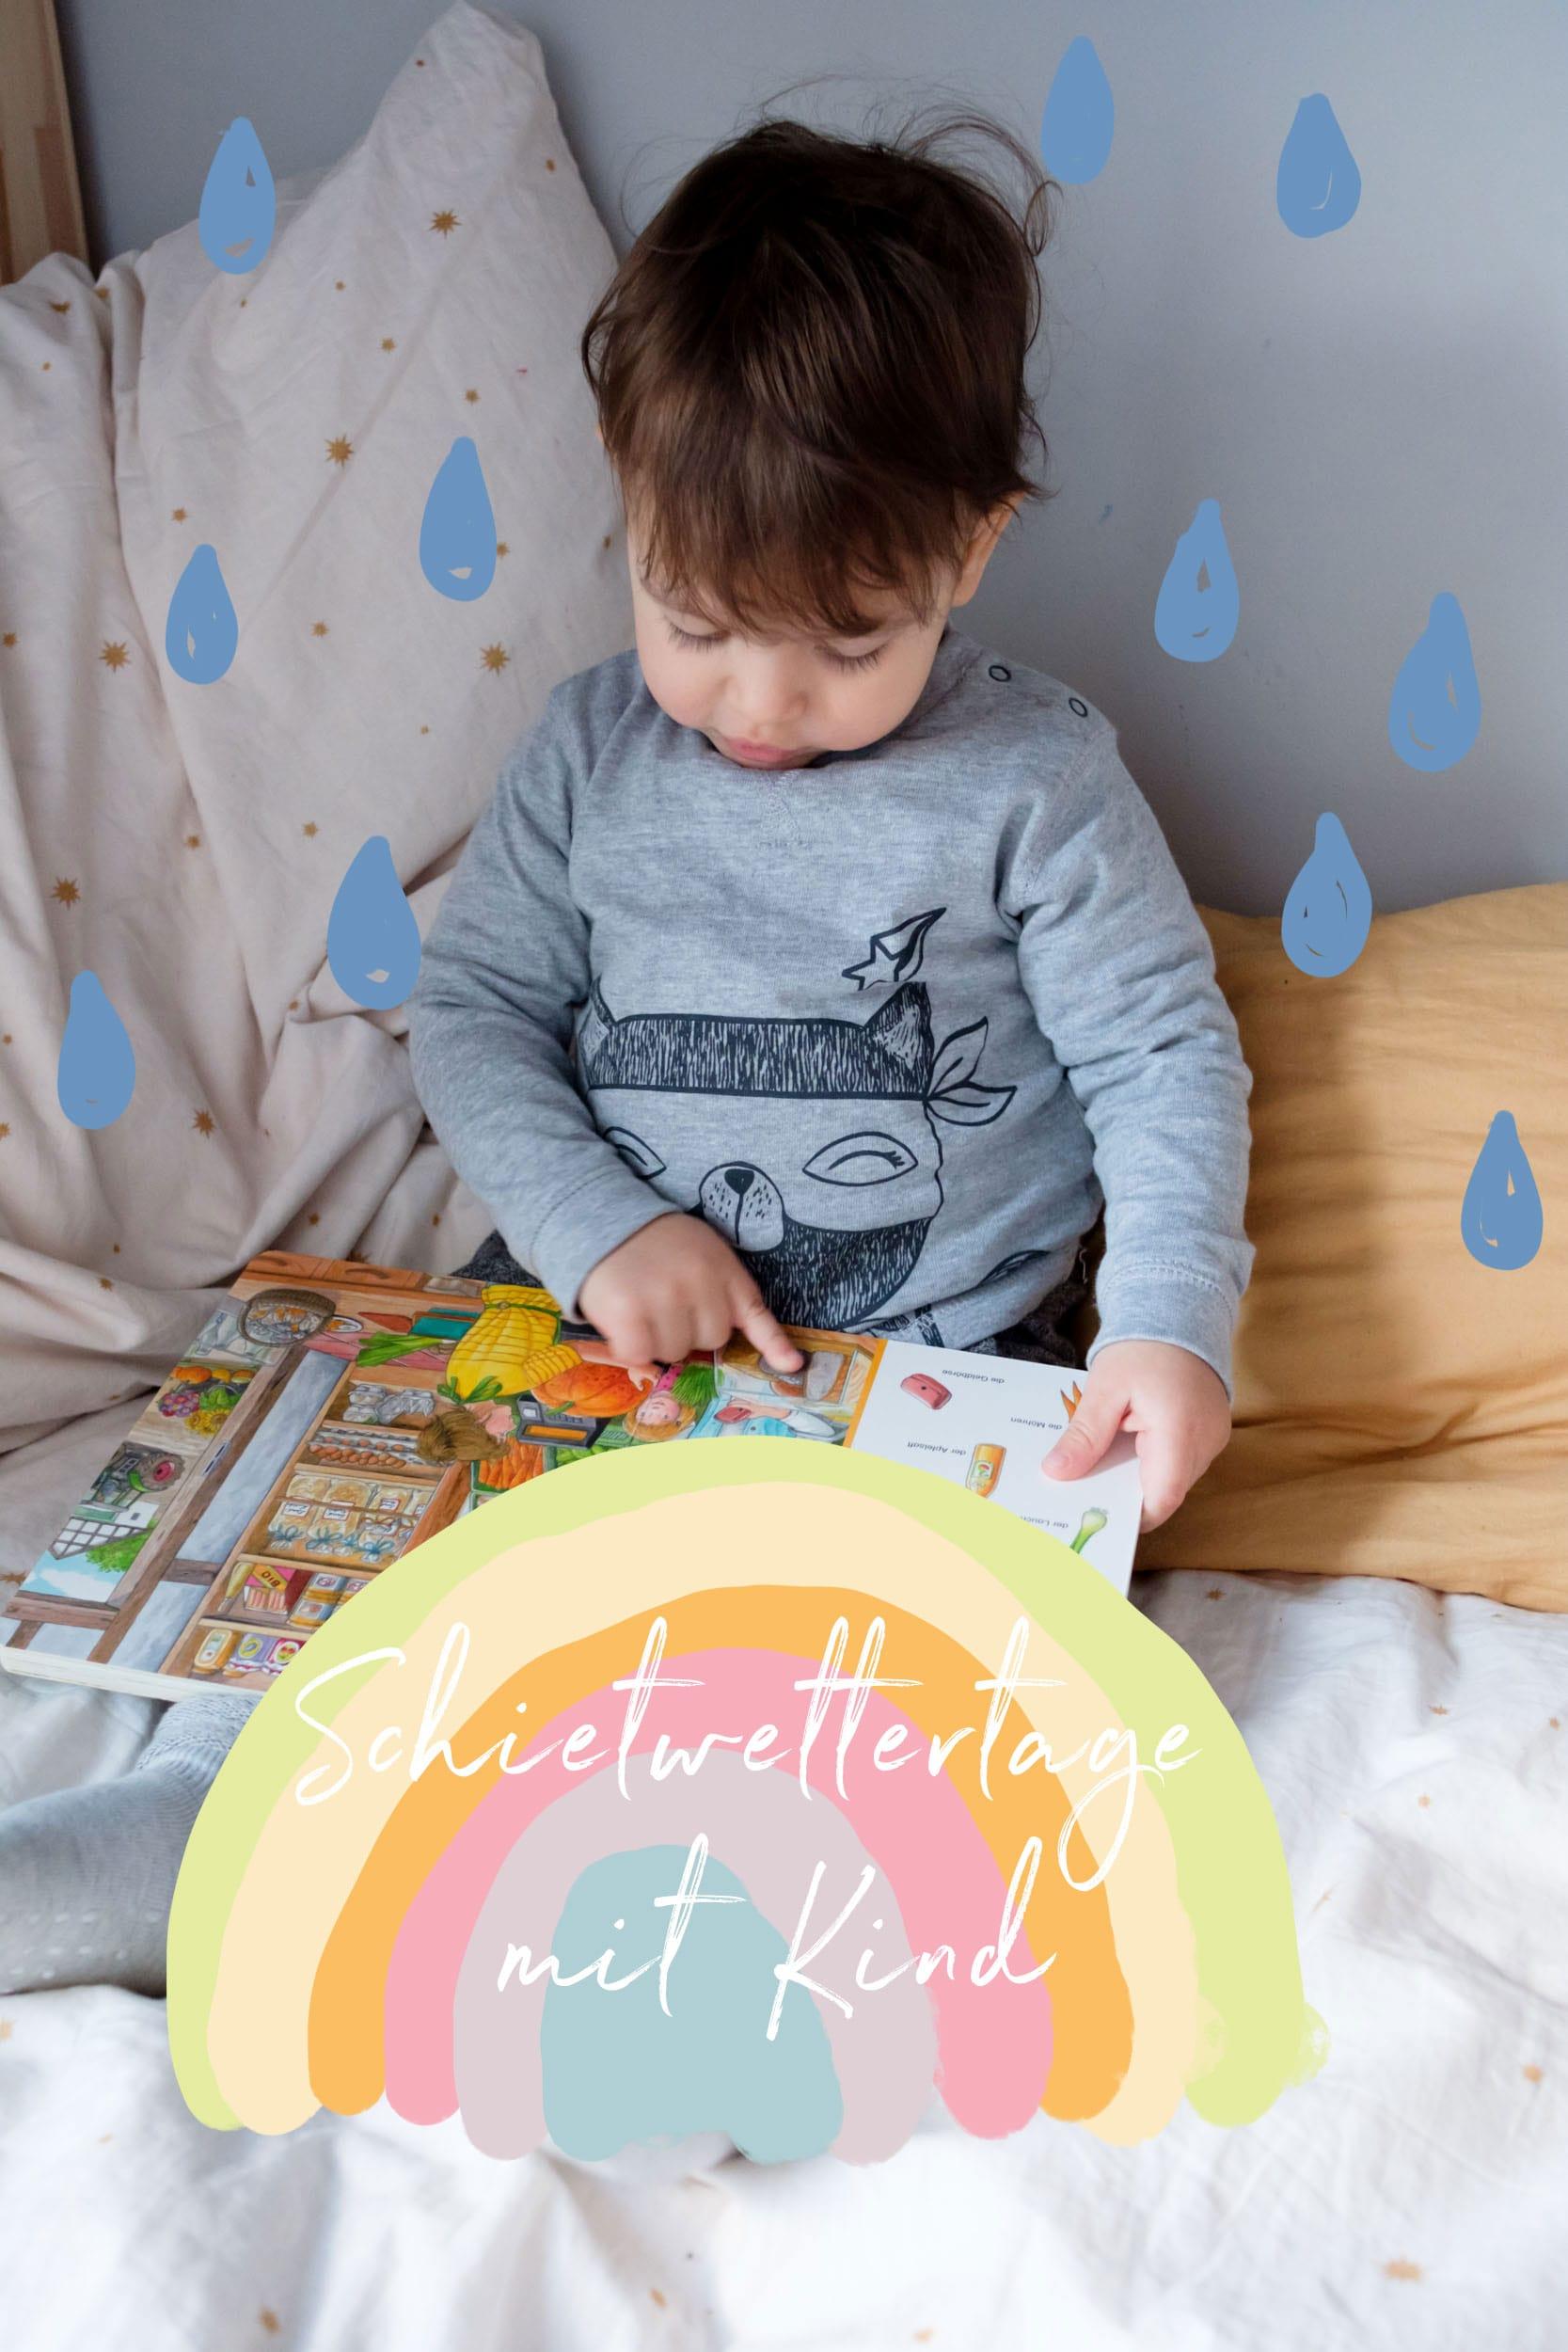 Schietwettertage mit Kind | 3 Tipps für Indoor-Spaß mit TK Maxx | Zuhause mit Kleinkind